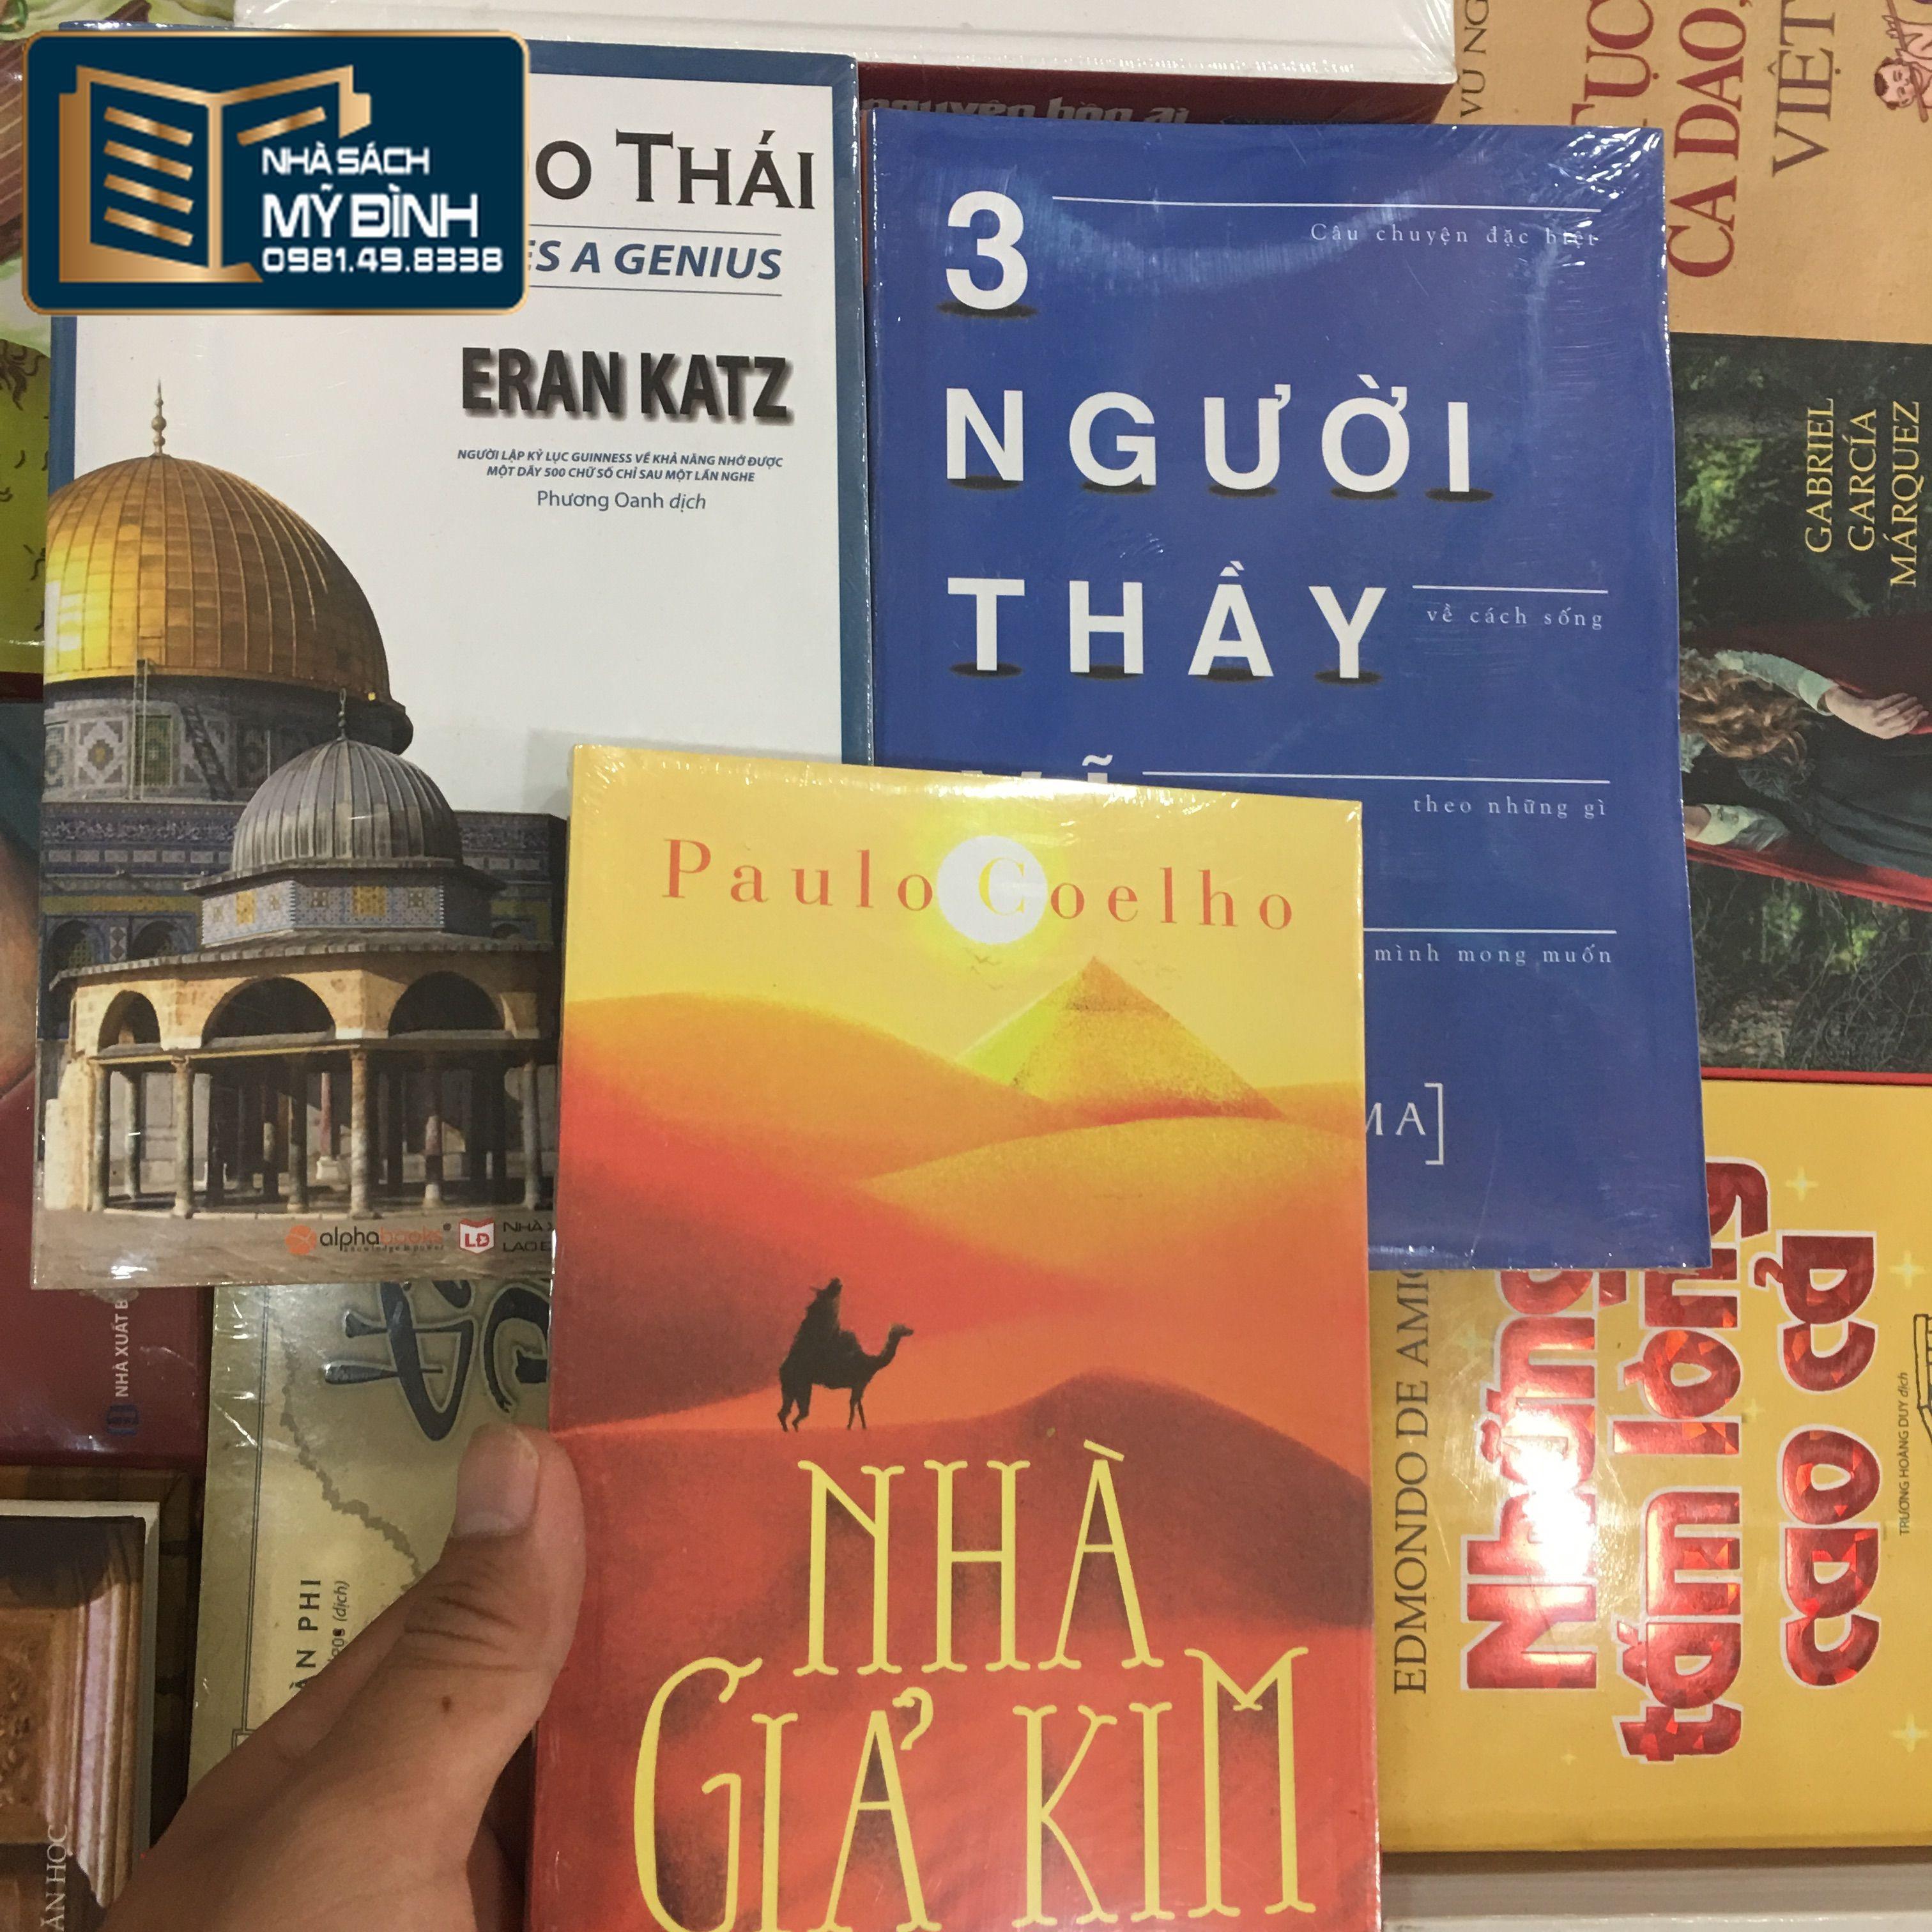 Nhà Sách Mỹ Đình: Nhà giả kim + 3 người thầy vĩ đại + trí tuệ do thái -  c164 | Sendo.vn